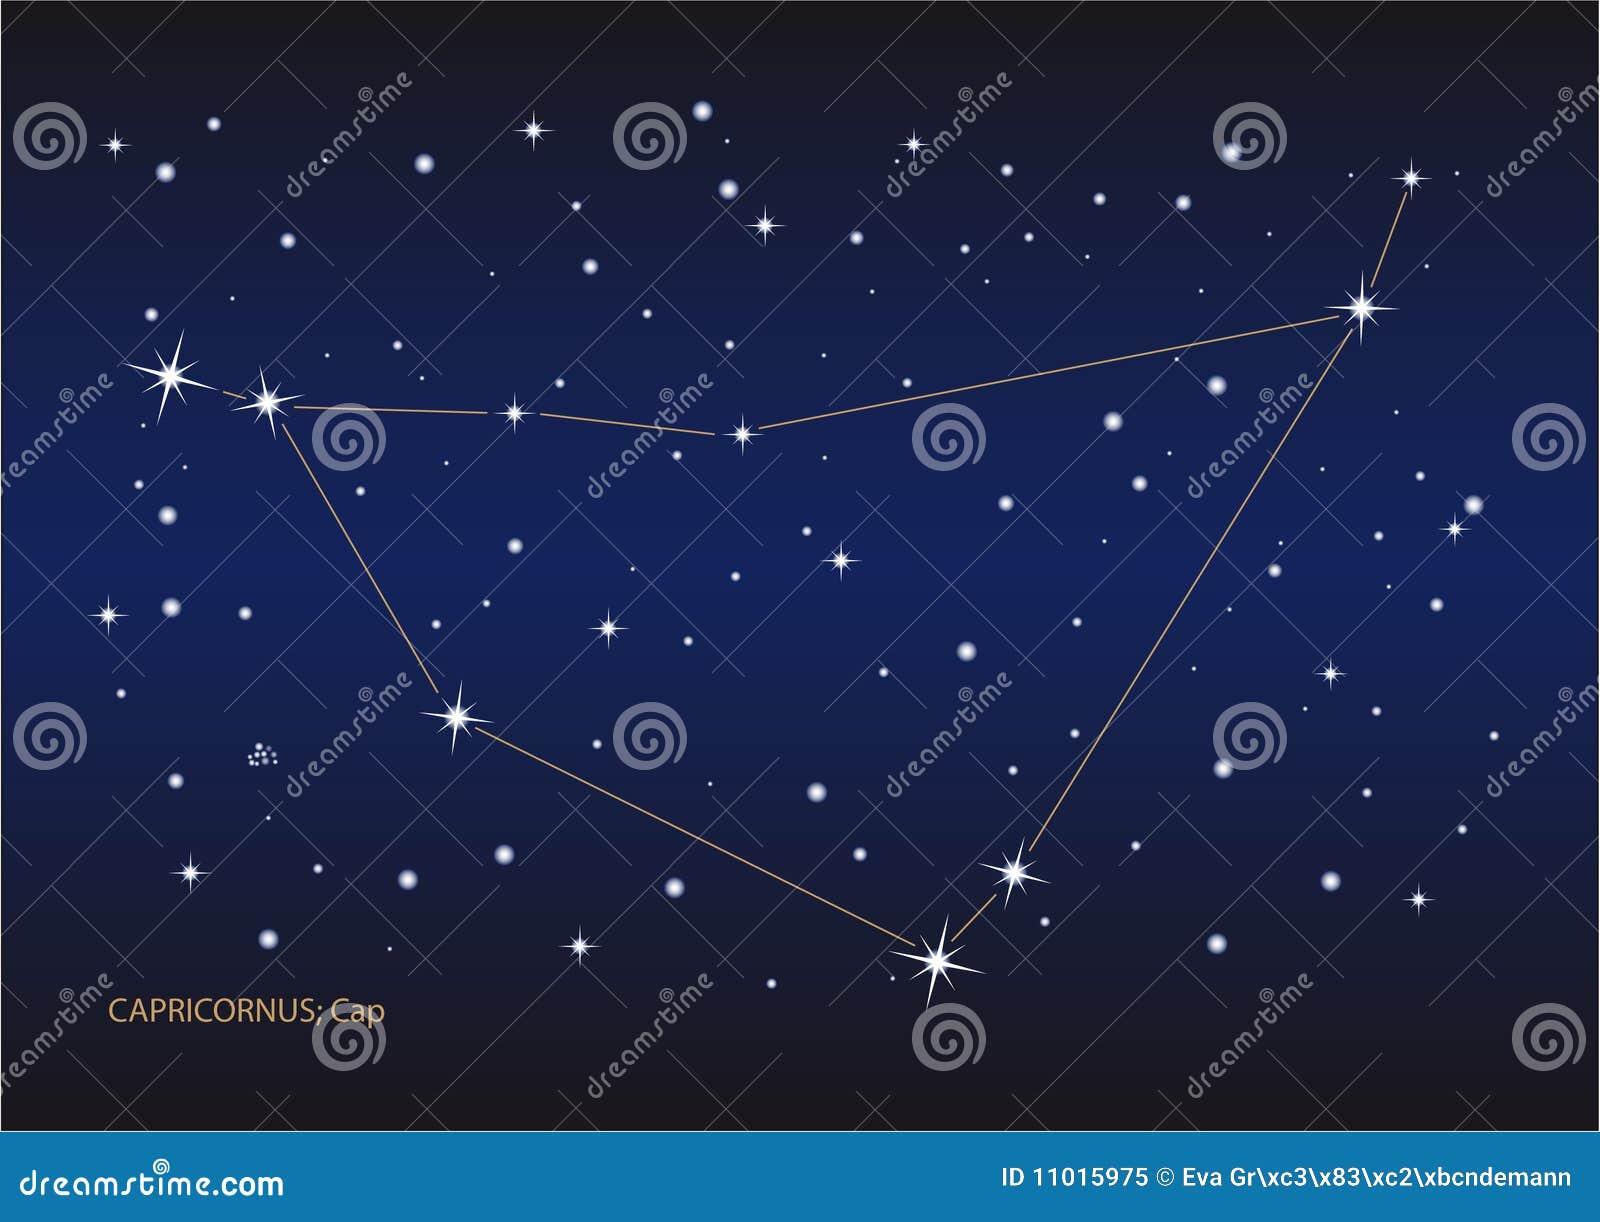 Aquarius Constellation Tattoo Capricorn